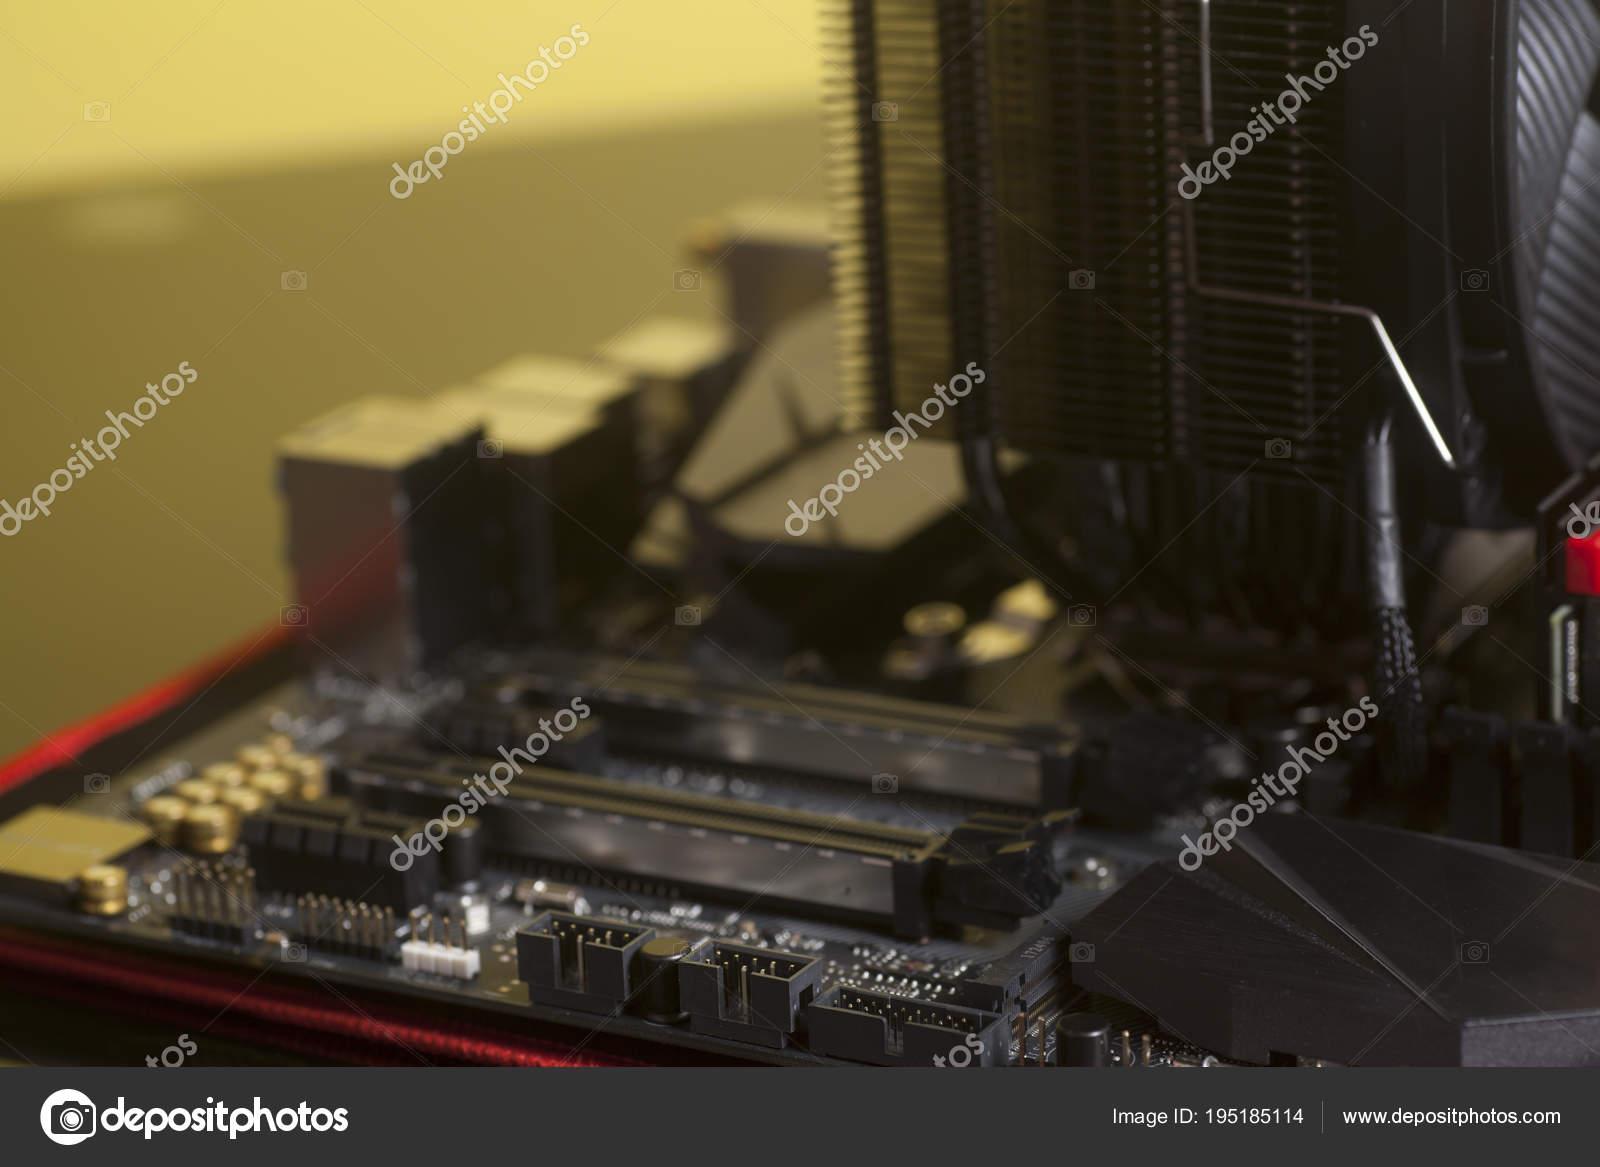 Circuito Ventilador : Circuito de computadora motherboard tarjeta madre con procesador